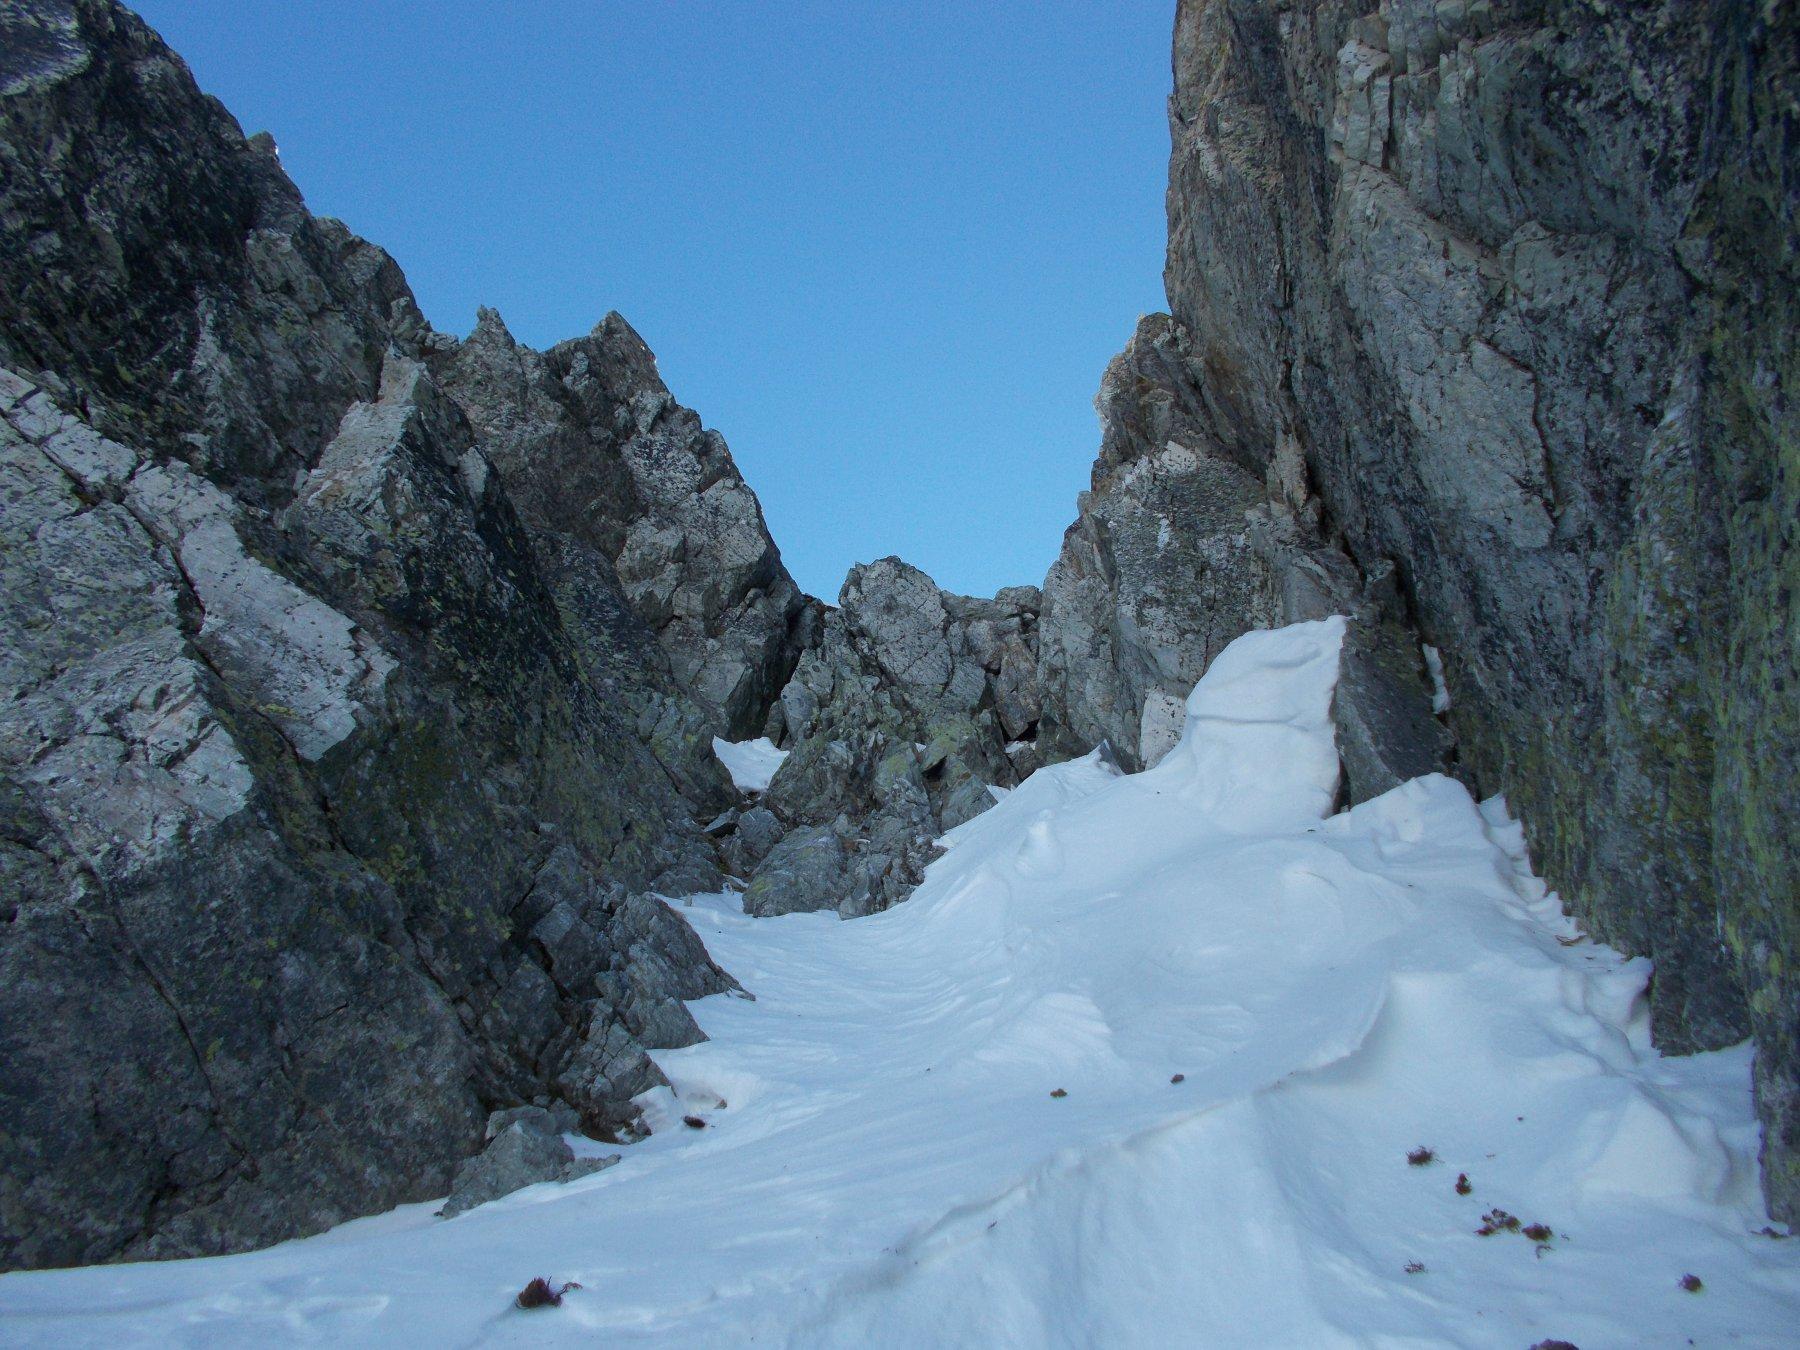 il salto di roccia che ostacola l'uscita alla forcella..